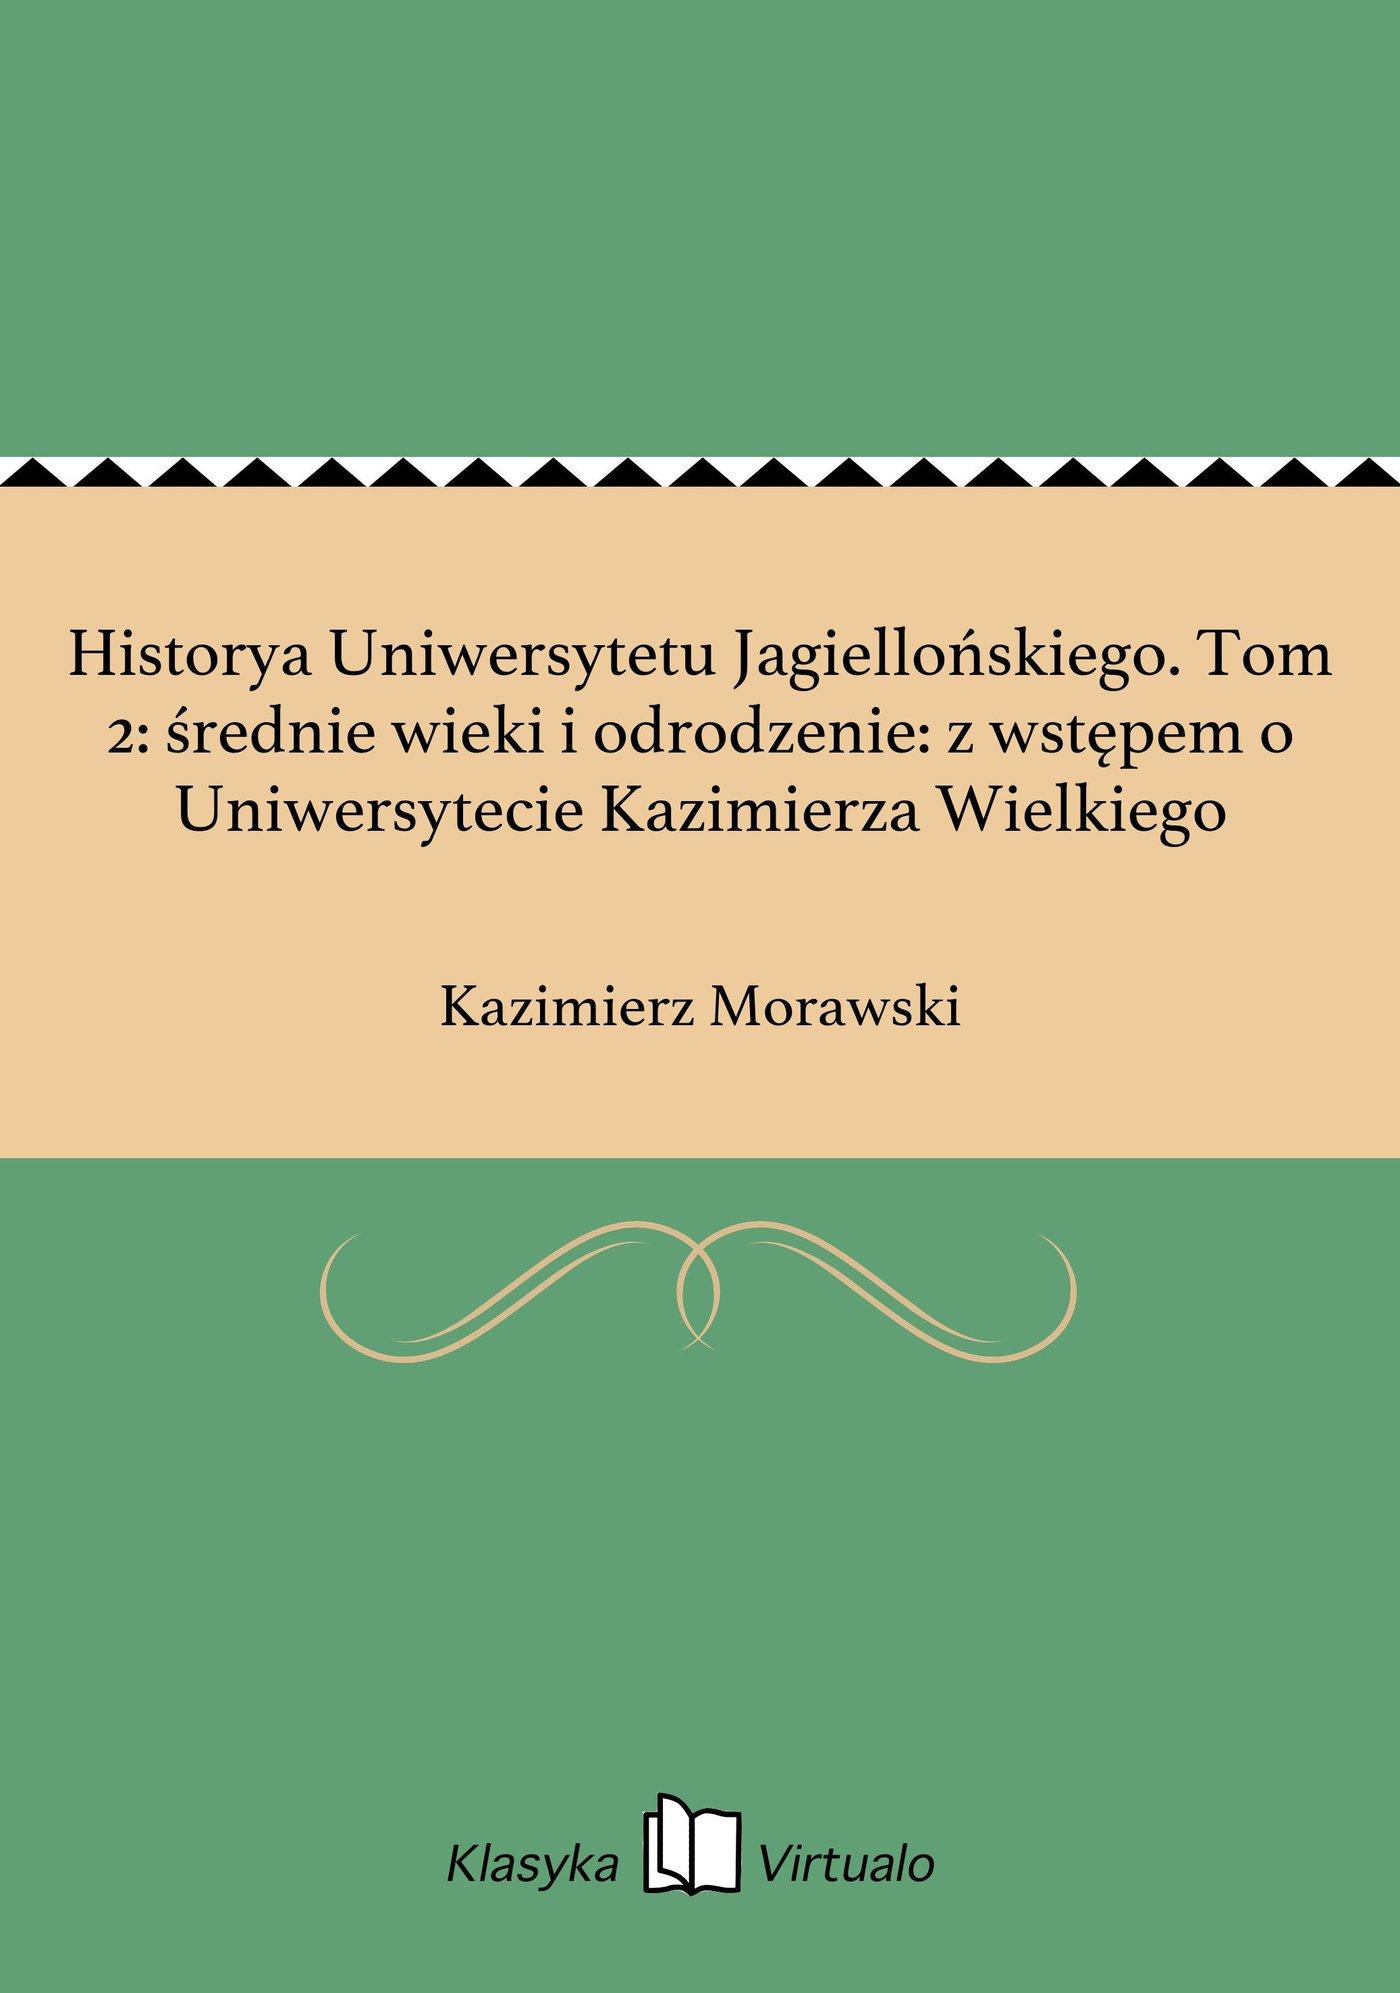 Historya Uniwersytetu Jagiellońskiego. Tom 2: średnie wieki i odrodzenie: z wstępem o Uniwersytecie Kazimierza Wielkiego - Ebook (Książka na Kindle) do pobrania w formacie MOBI